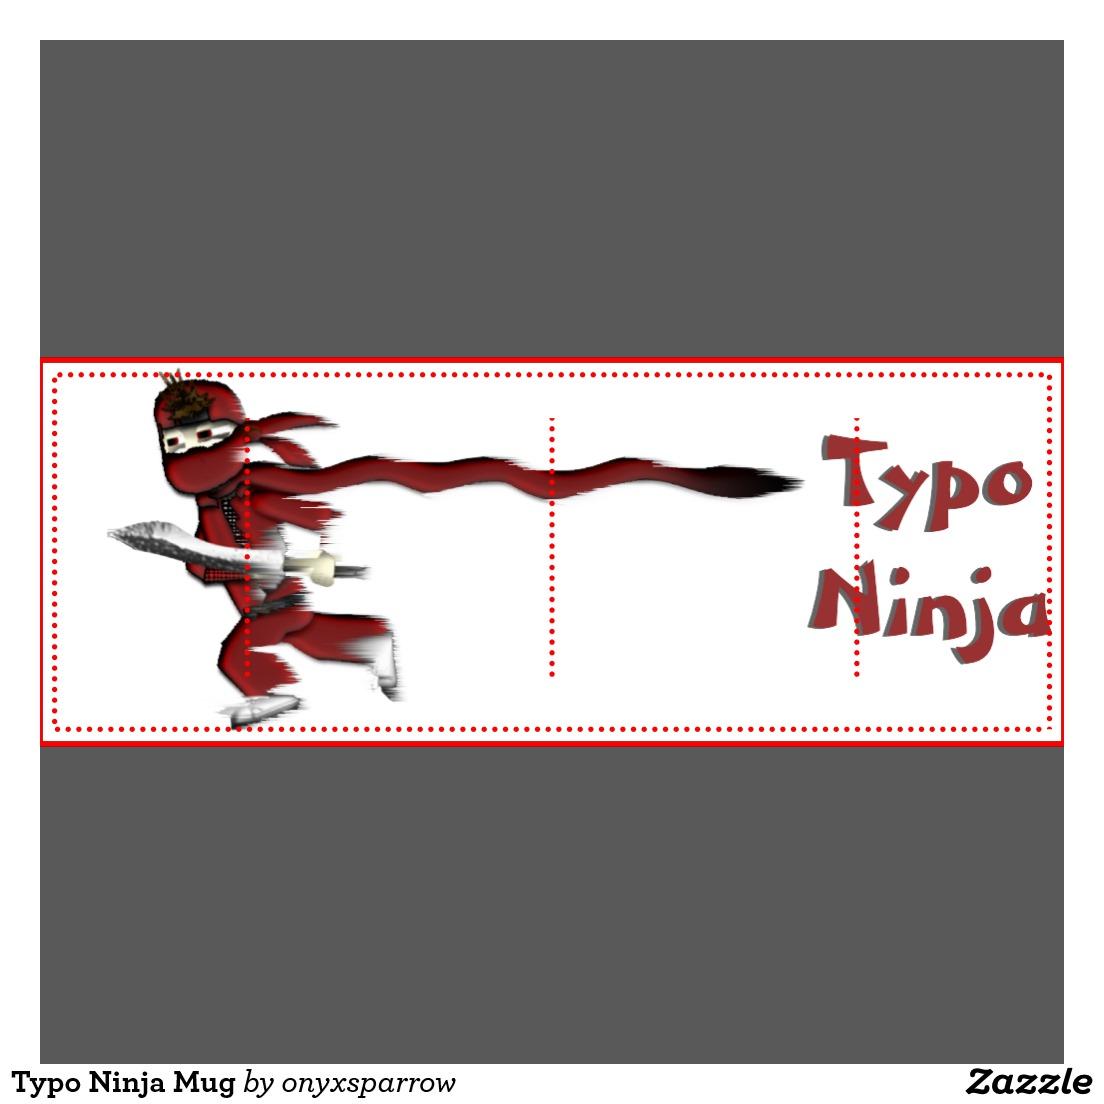 typo_ninja_mug-re0f94baa07864885a62c449ca0b77d15_x7qgq_1024